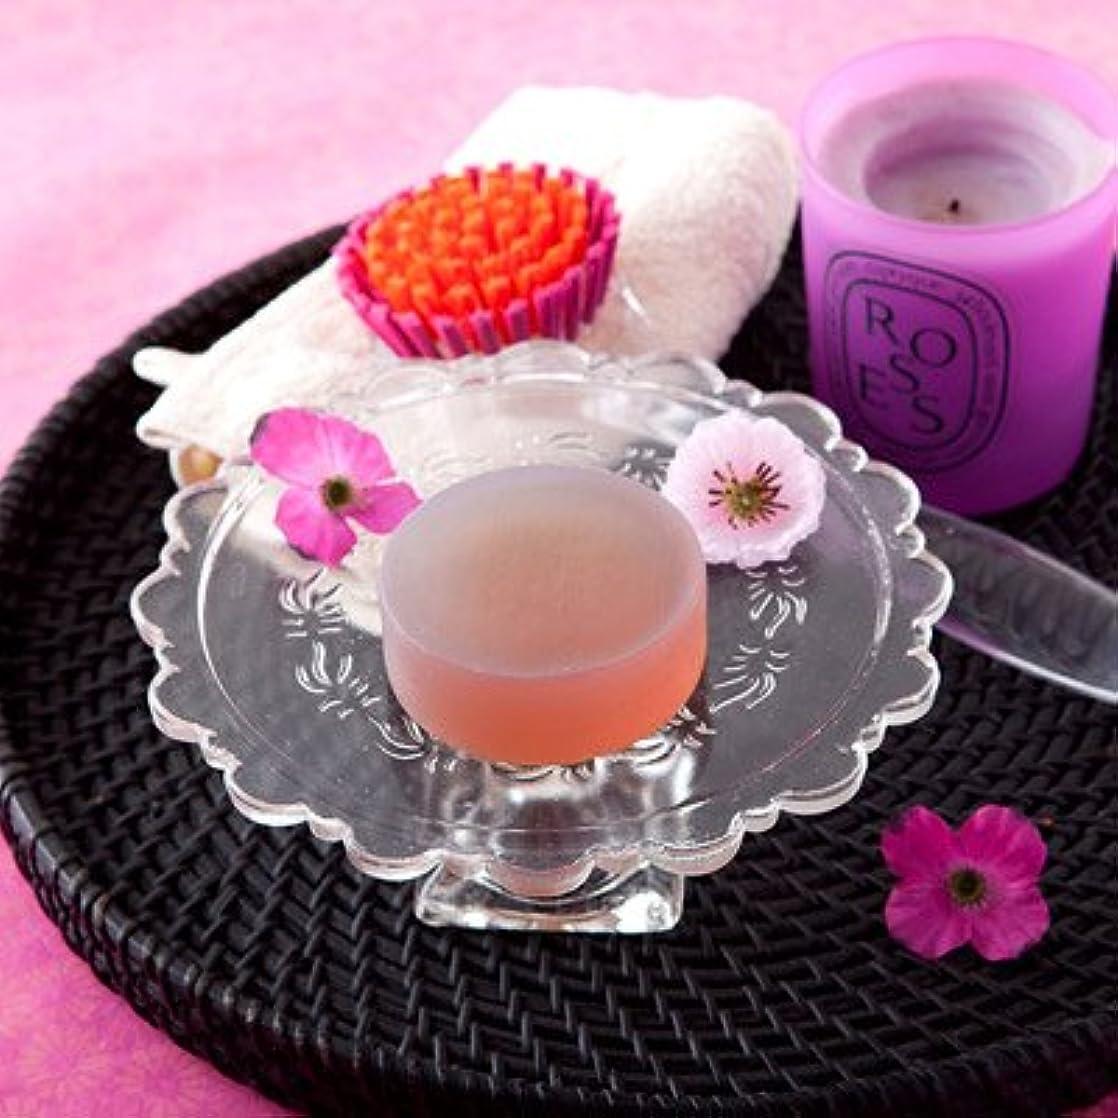 パトロン歩道家庭教師お肌の弱い方も安心なクリアソープセット ペアローザ エステソープ 紫潤(2個セット)